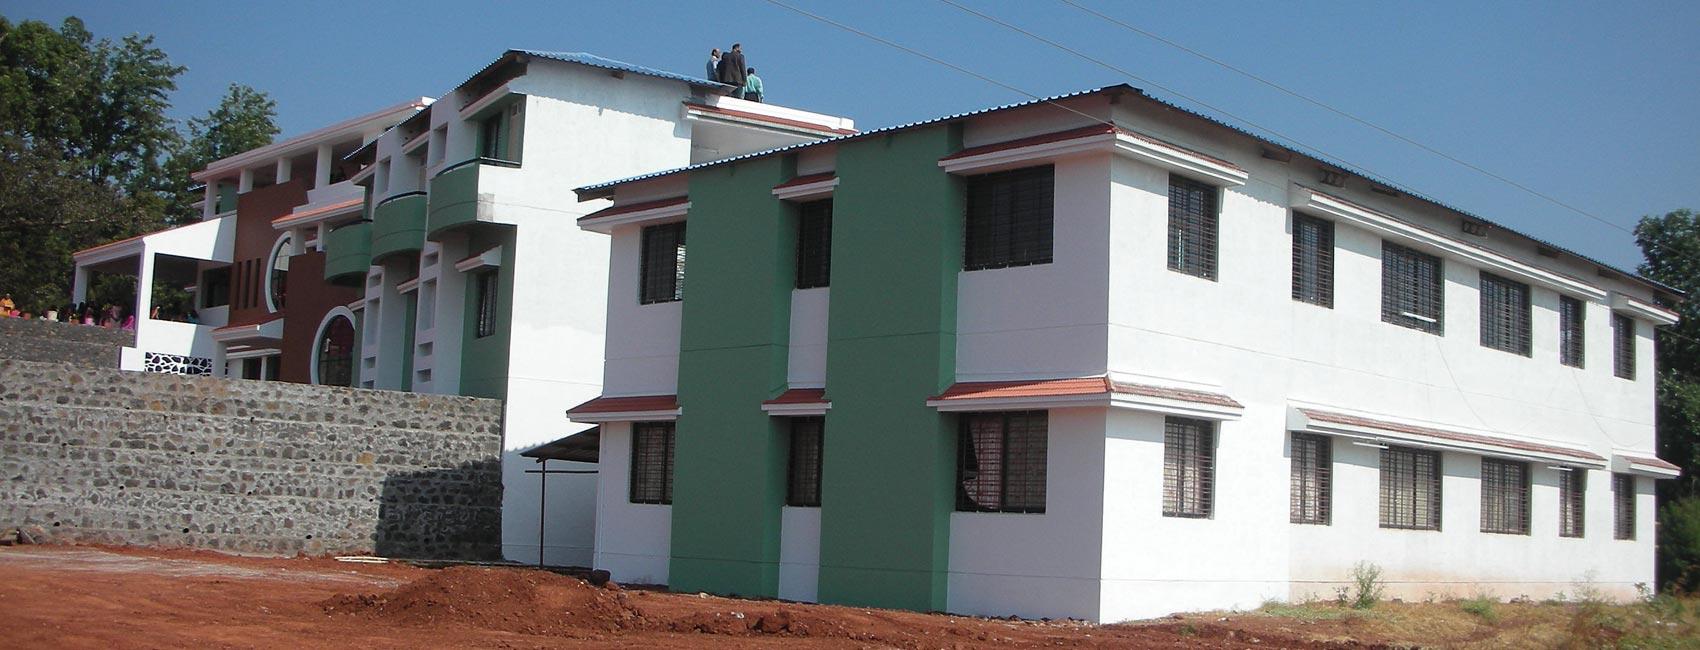 Bel Air College Of Nursing, Panchgani Image